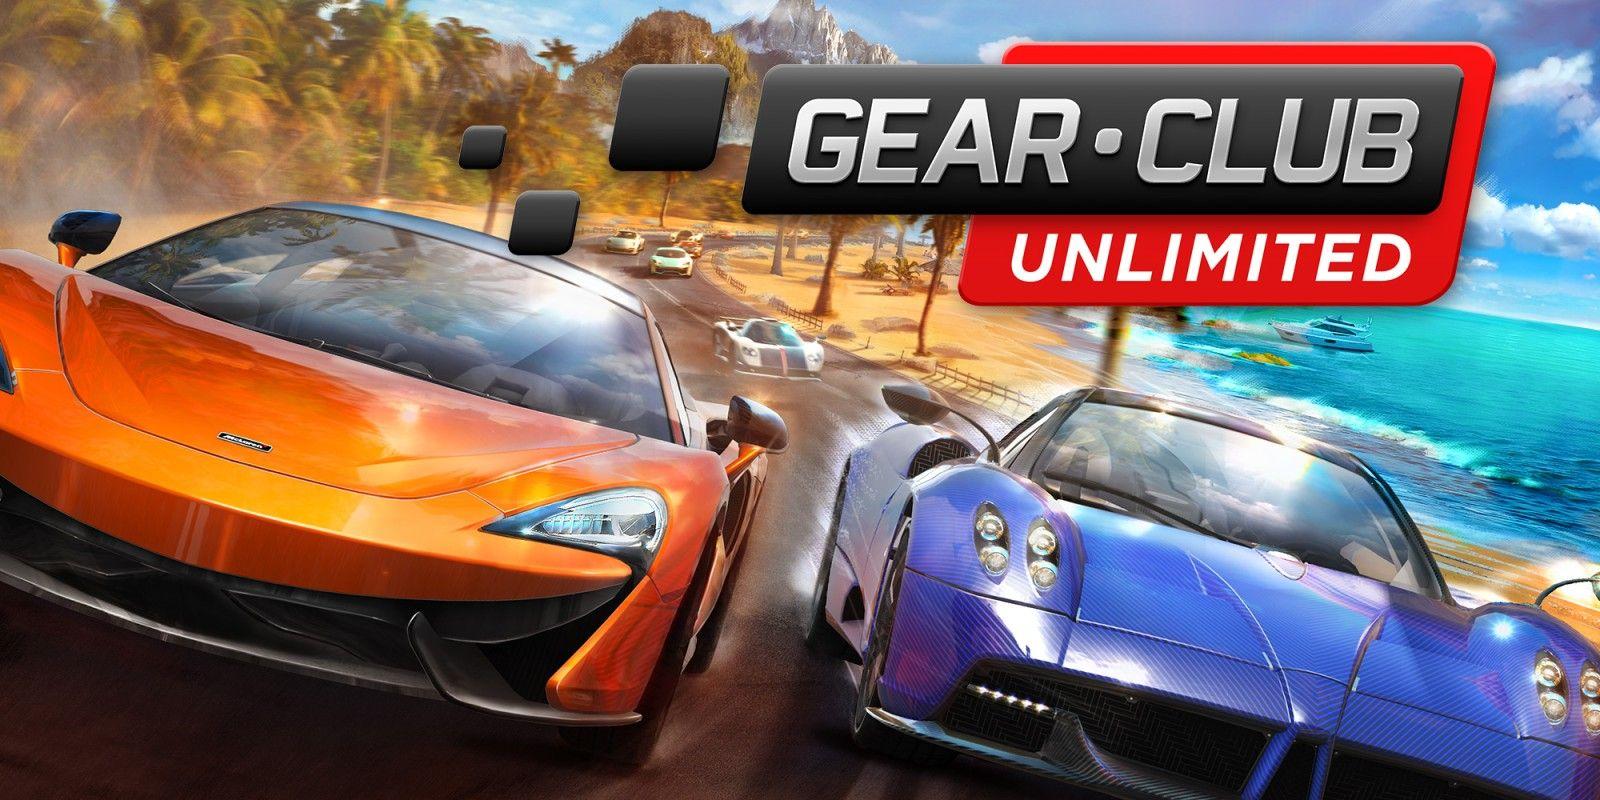 Gear.Club Unlimited - Nintendo Switch eShop